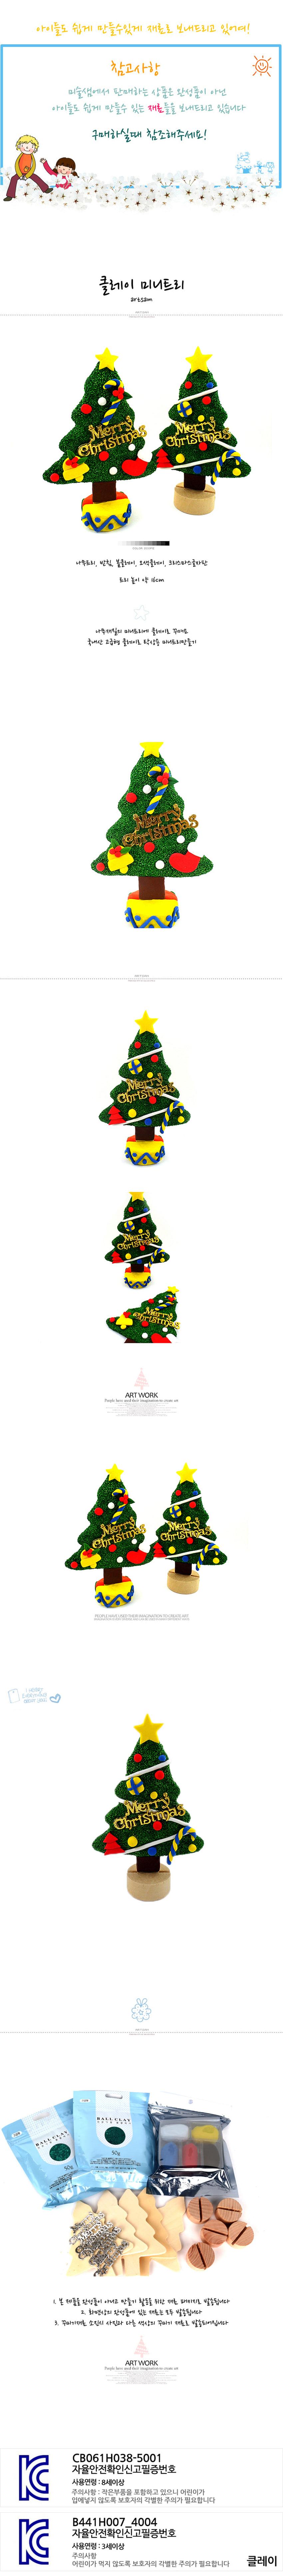 클레이 미니트리 5인용 - 미술샘, 12,500원, 클레이공예, 클레이공예 만들기 패키지